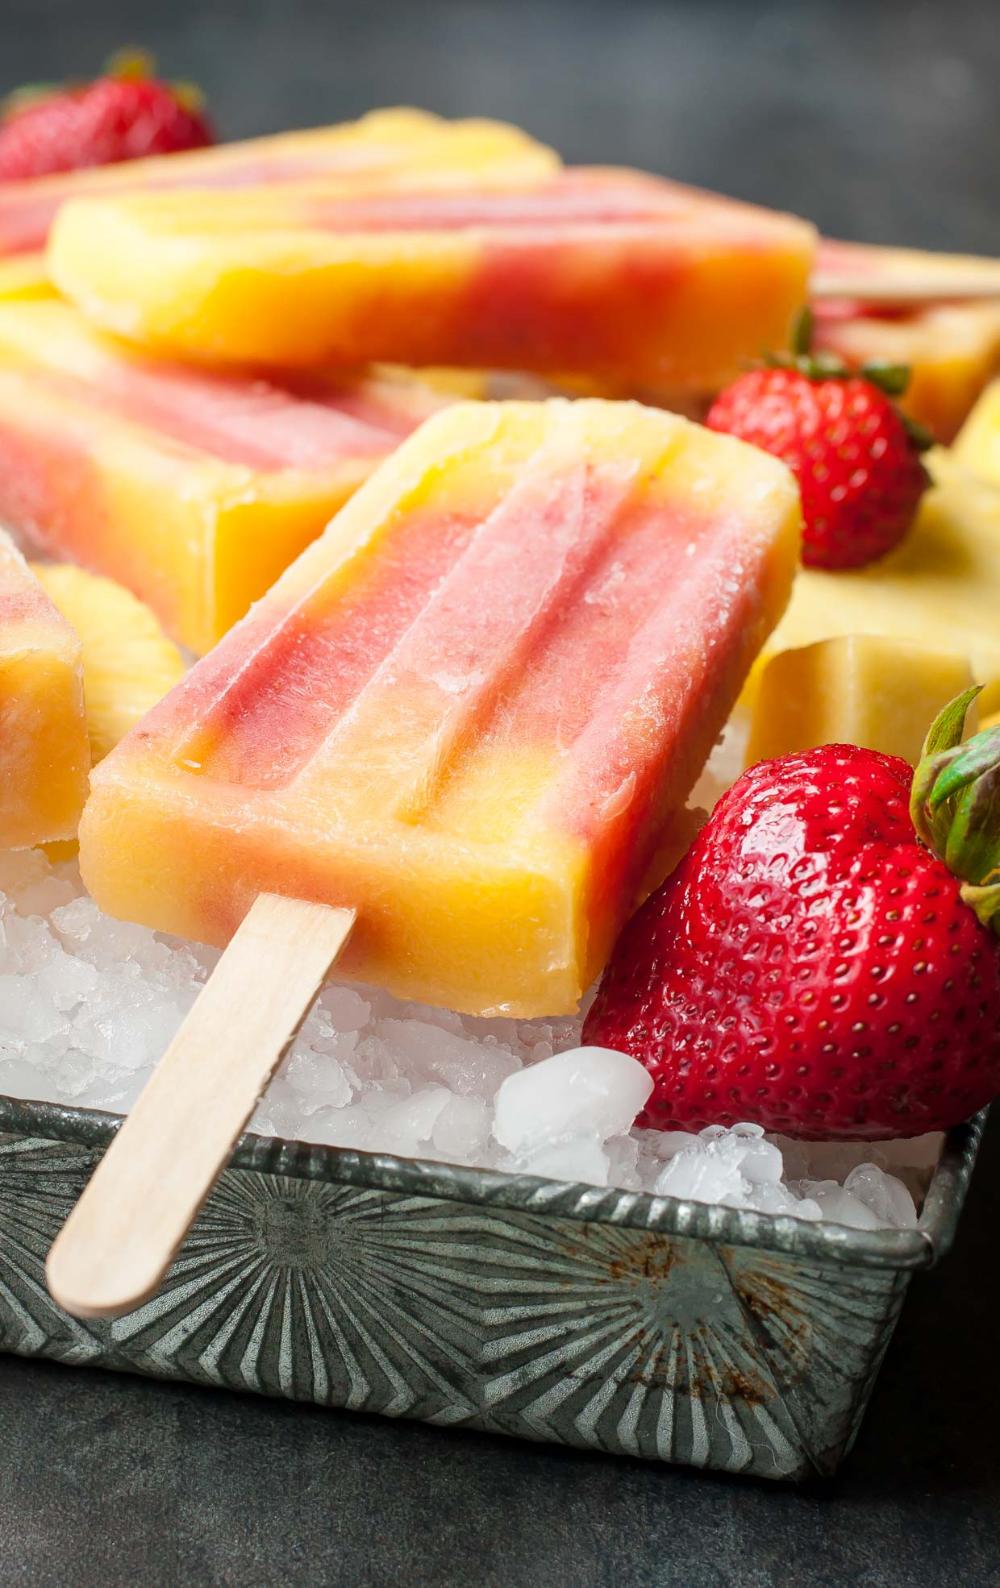 Fruit slush by Frozen Yogurt Australia Fruit slush